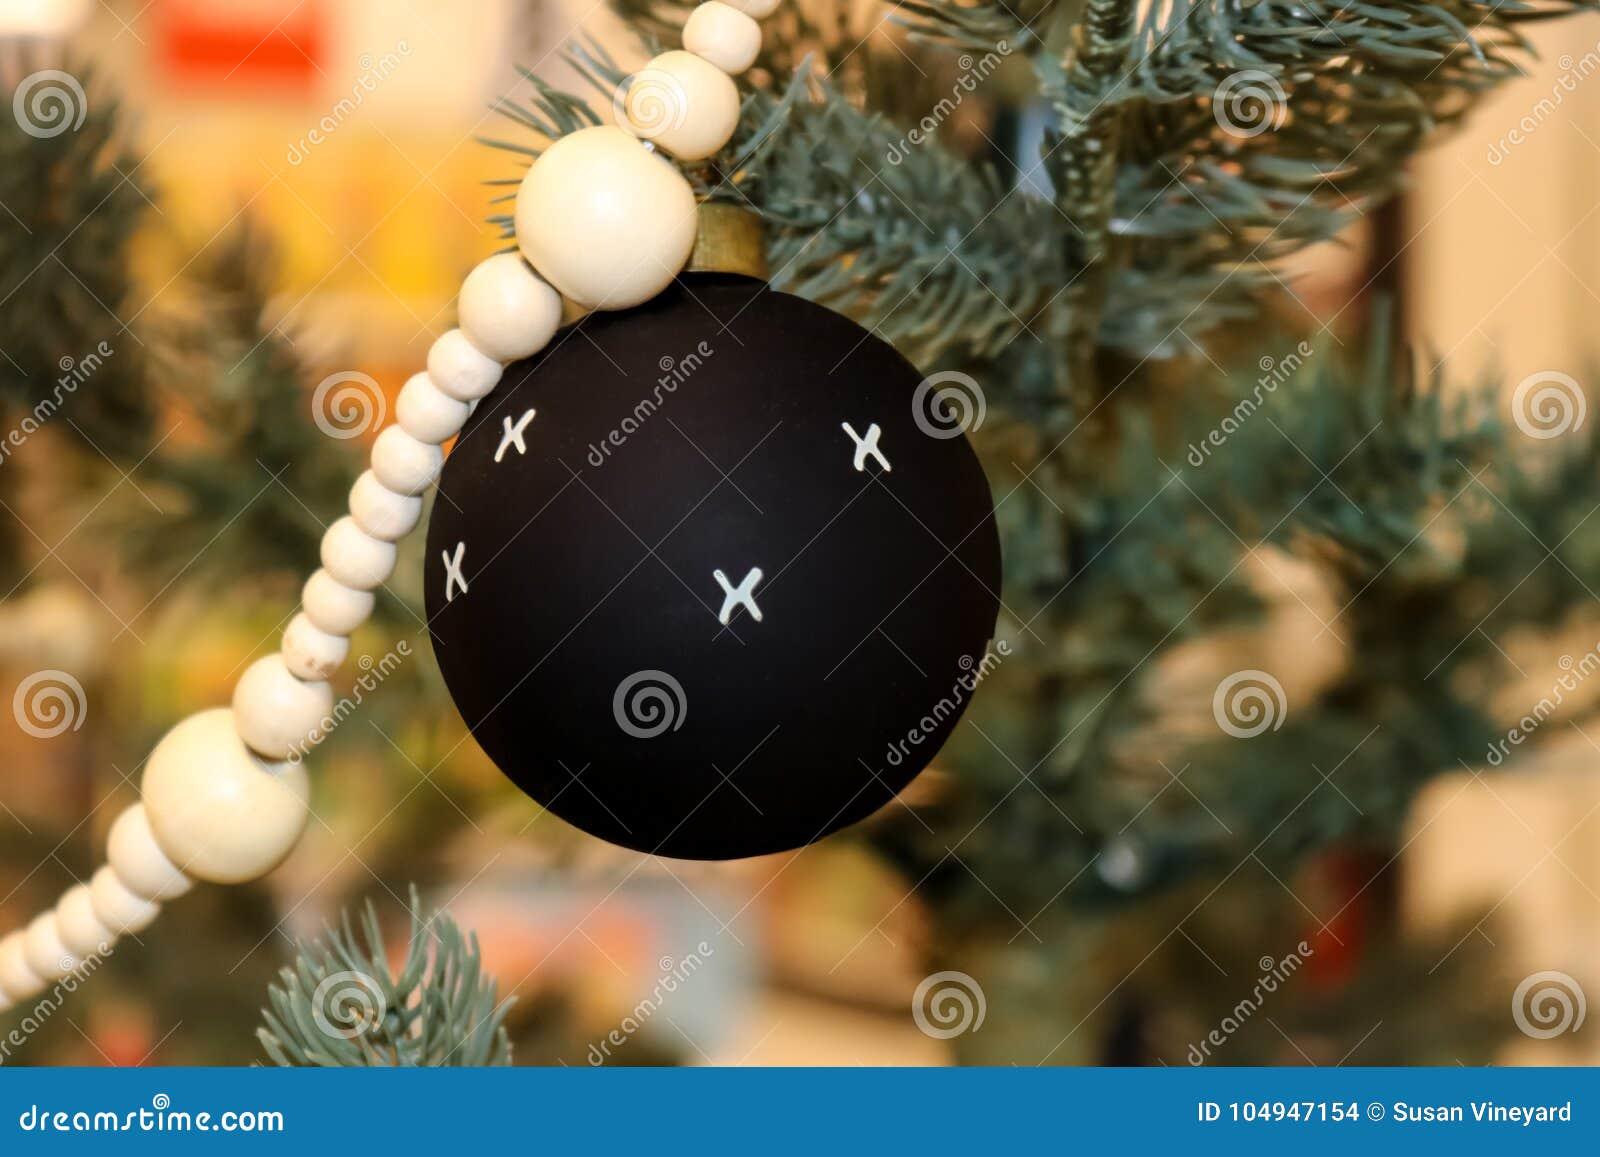 Schwarzer Weihnachtsball mit weißem Xs mit anderen Verzierungen